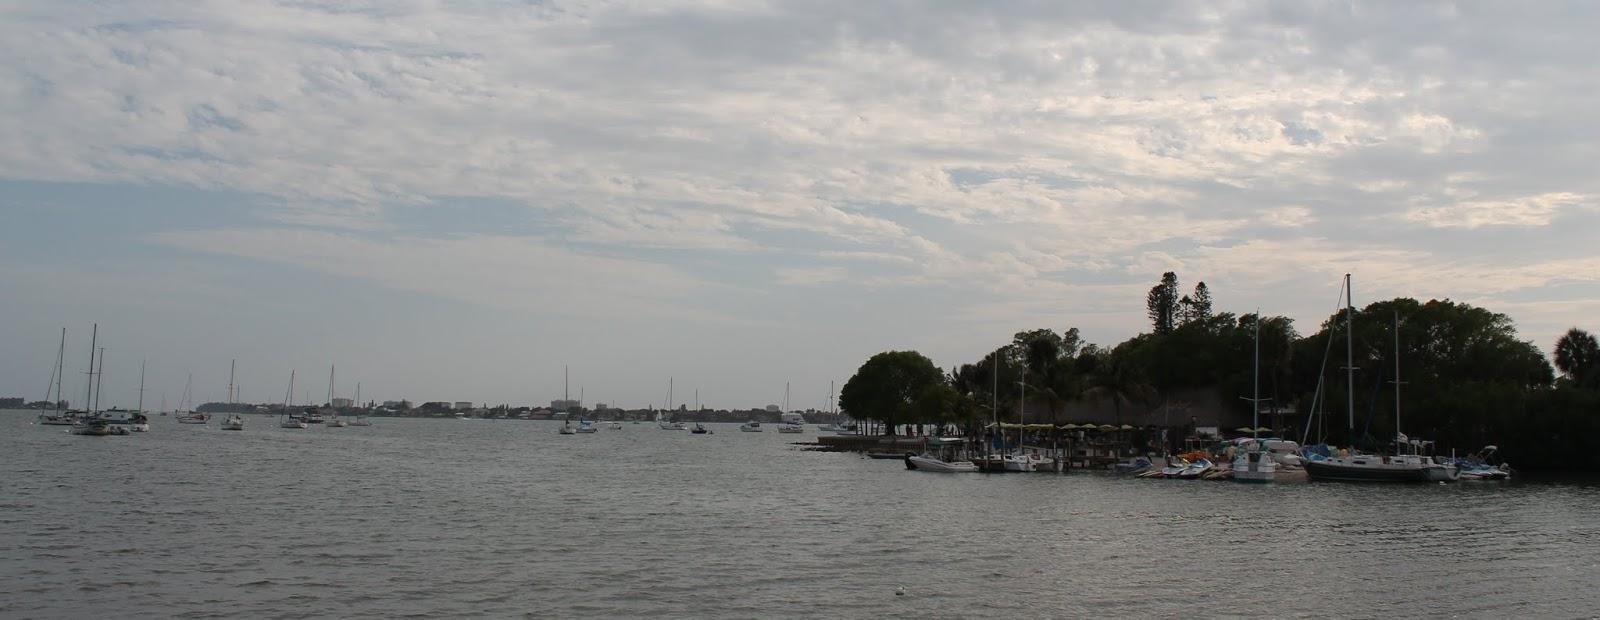 Bahía de Sarasota